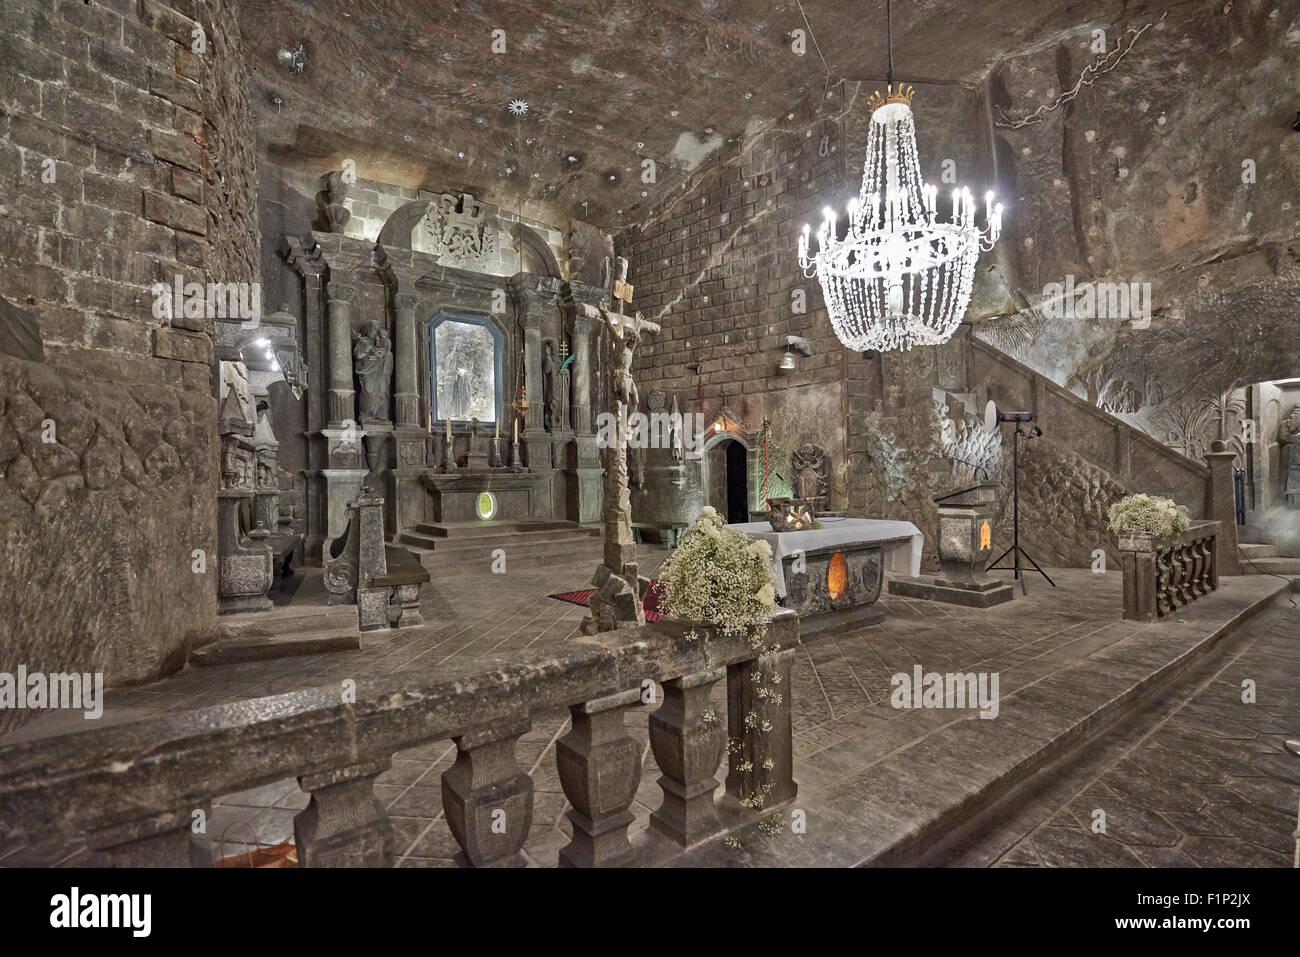 The Chapel of St. Kinga in Wieliczka Salt Mine, Cracow Wieliczka, Poland - Stock Image